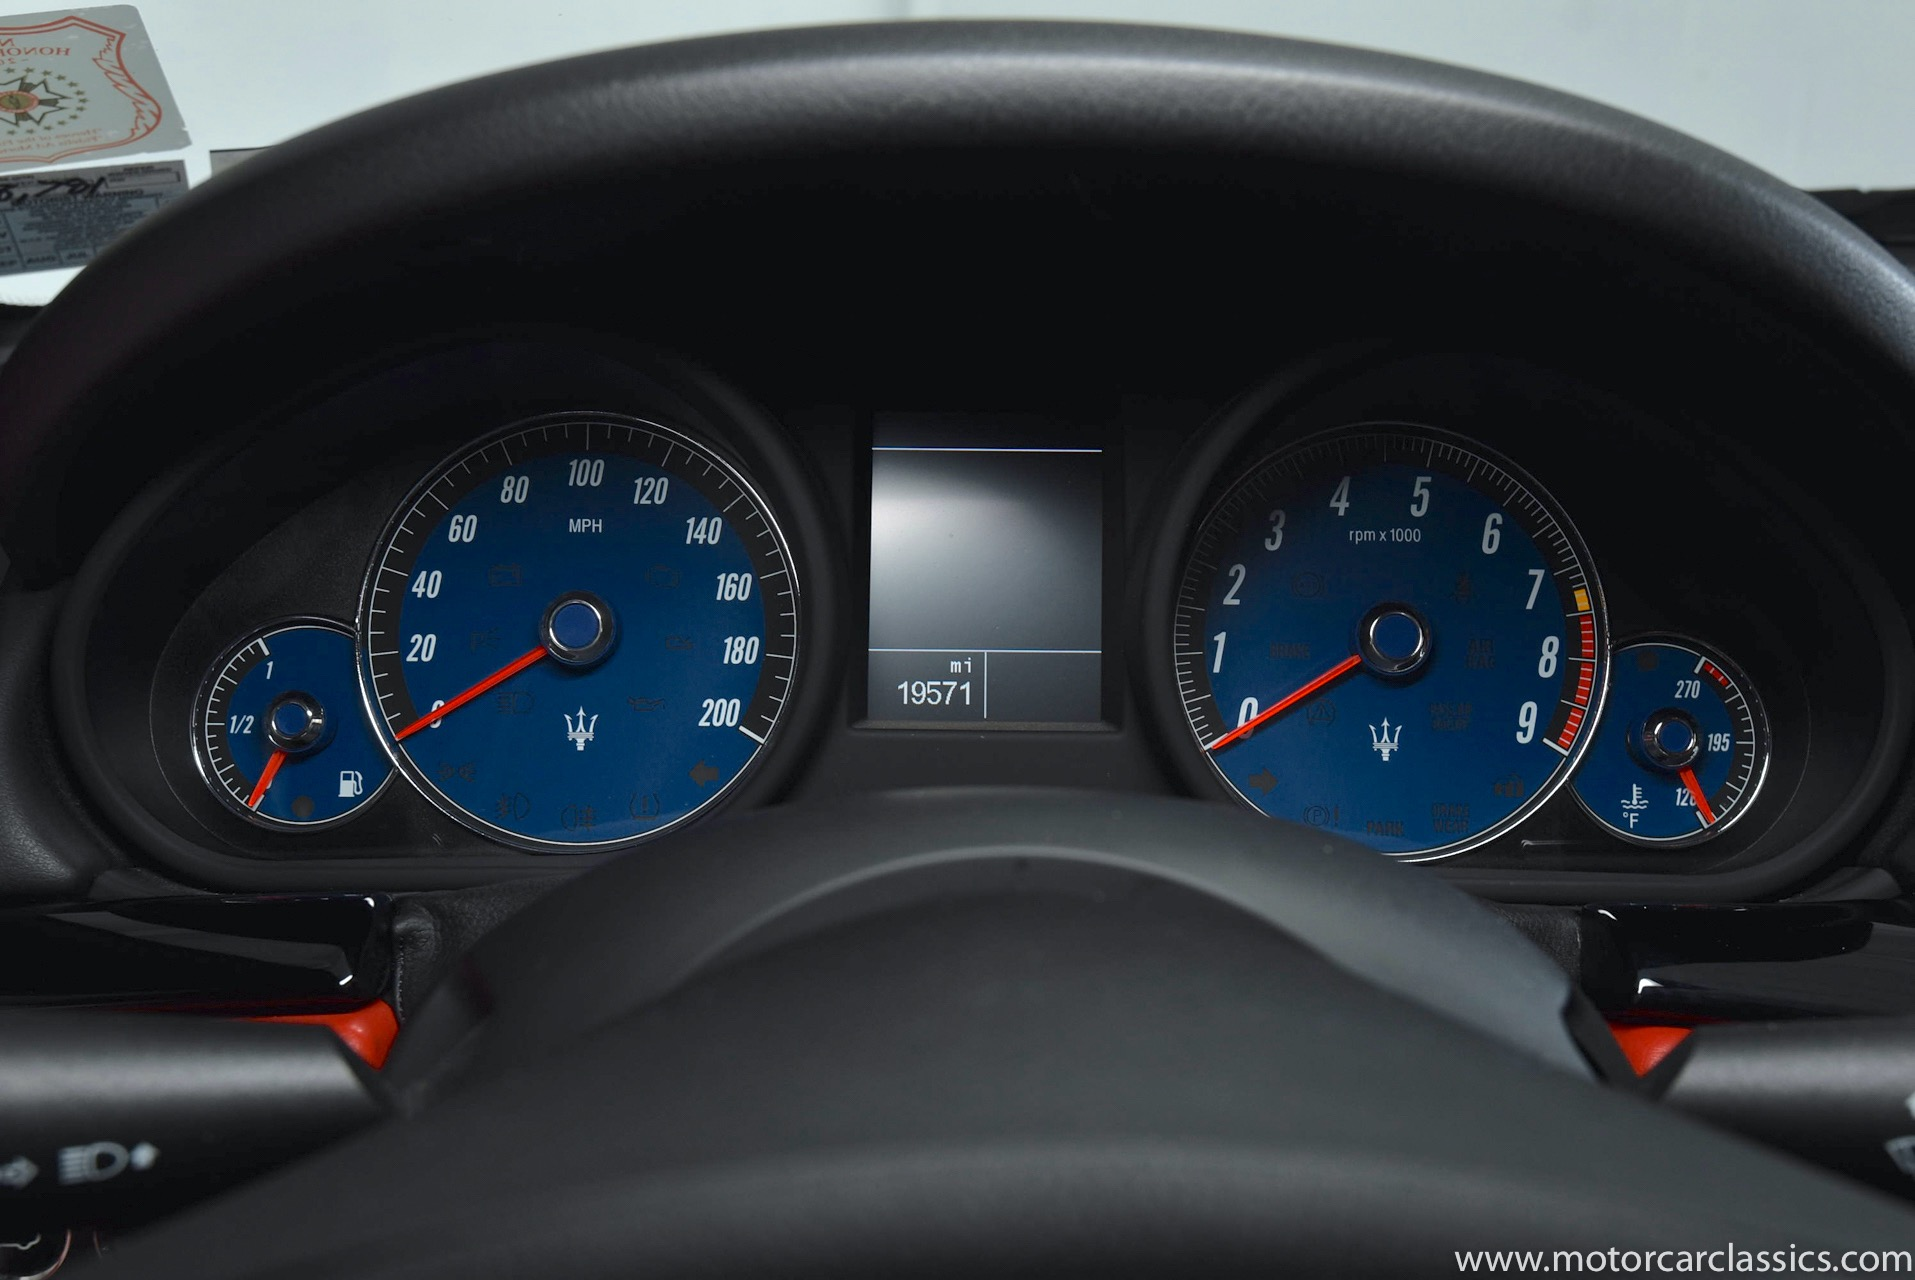 2011 Maserati GranTurismo S Automatic